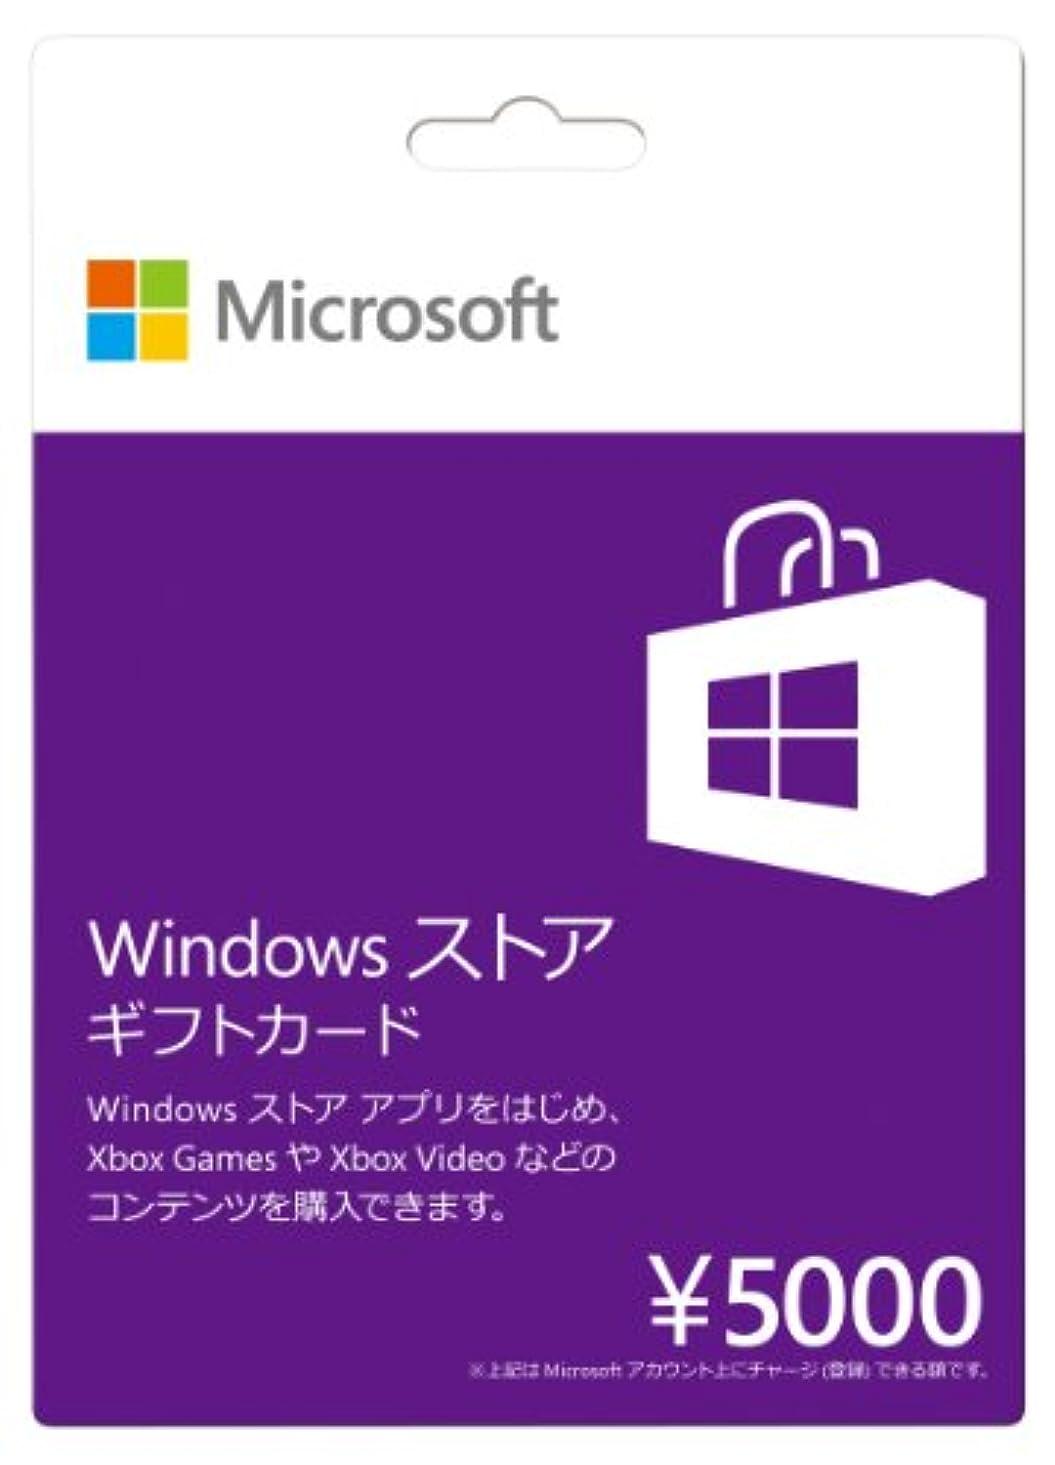 ハンディキャップ亡命有力者Microsoft Windows ストア ギフトカード 5000円  [パッケージ] (Windows / Xbox 360で利用可)